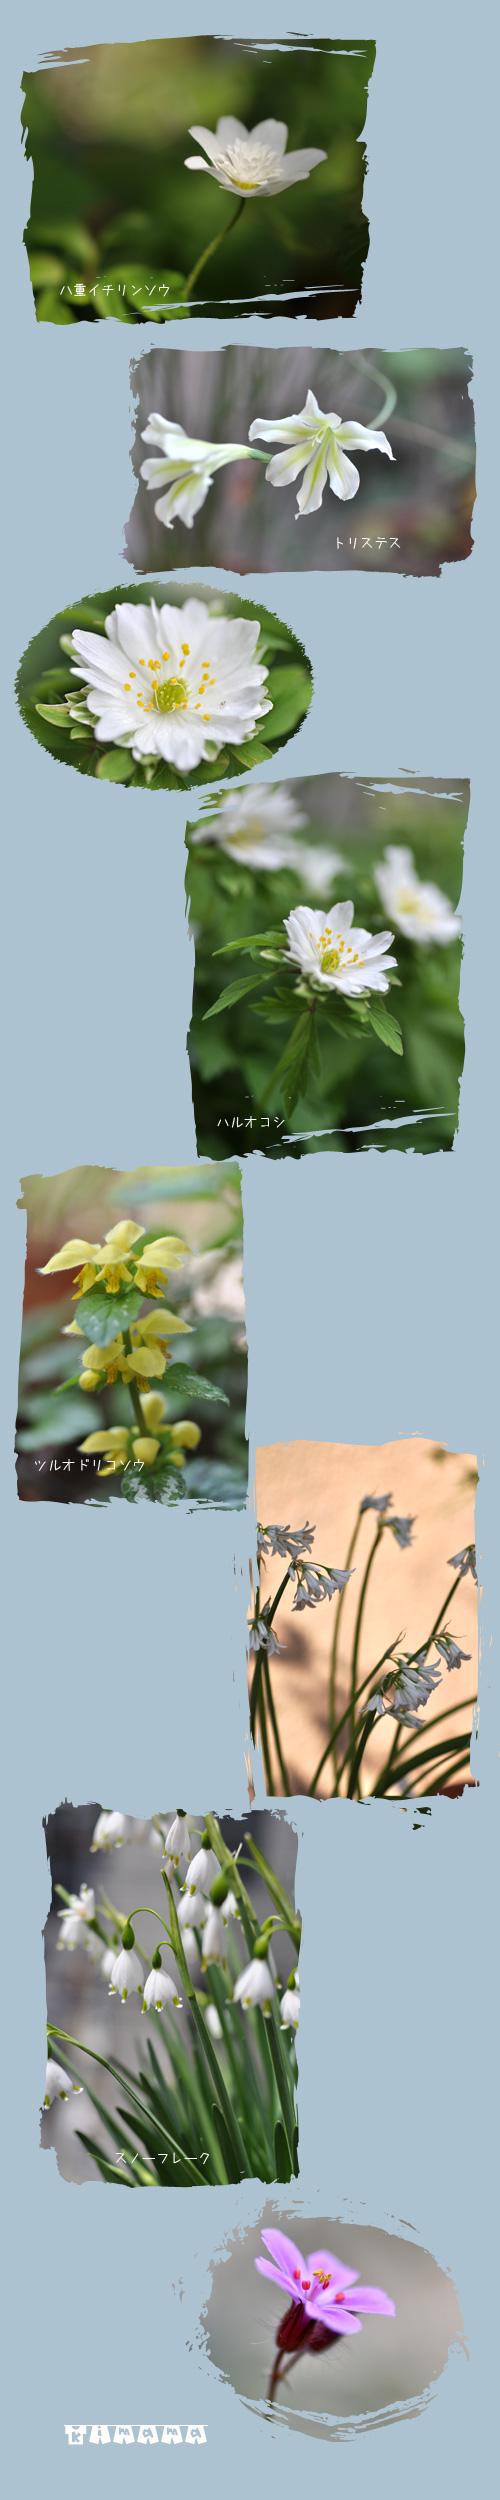 5月5日山野草2